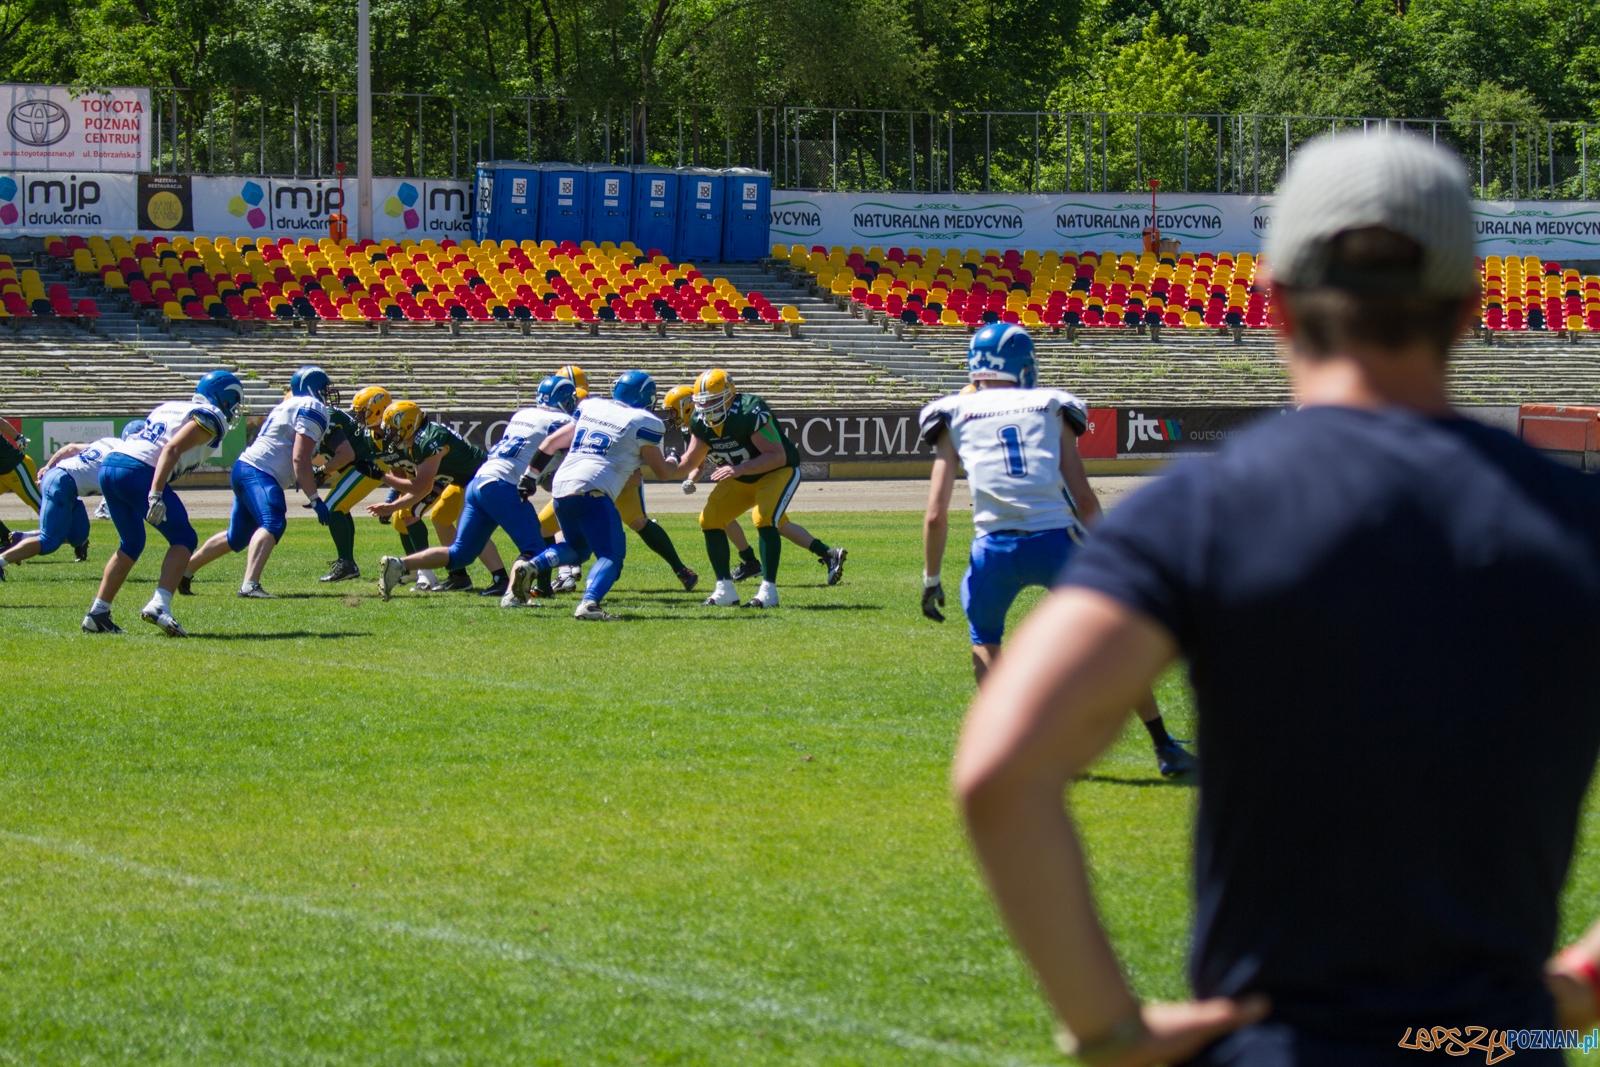 Kozły Poznań - Archers Bydgoszcz (27.05.2017) stadion Golęcin  Foto: © lepszyPOZNAN.pl / Karolina Kiraga